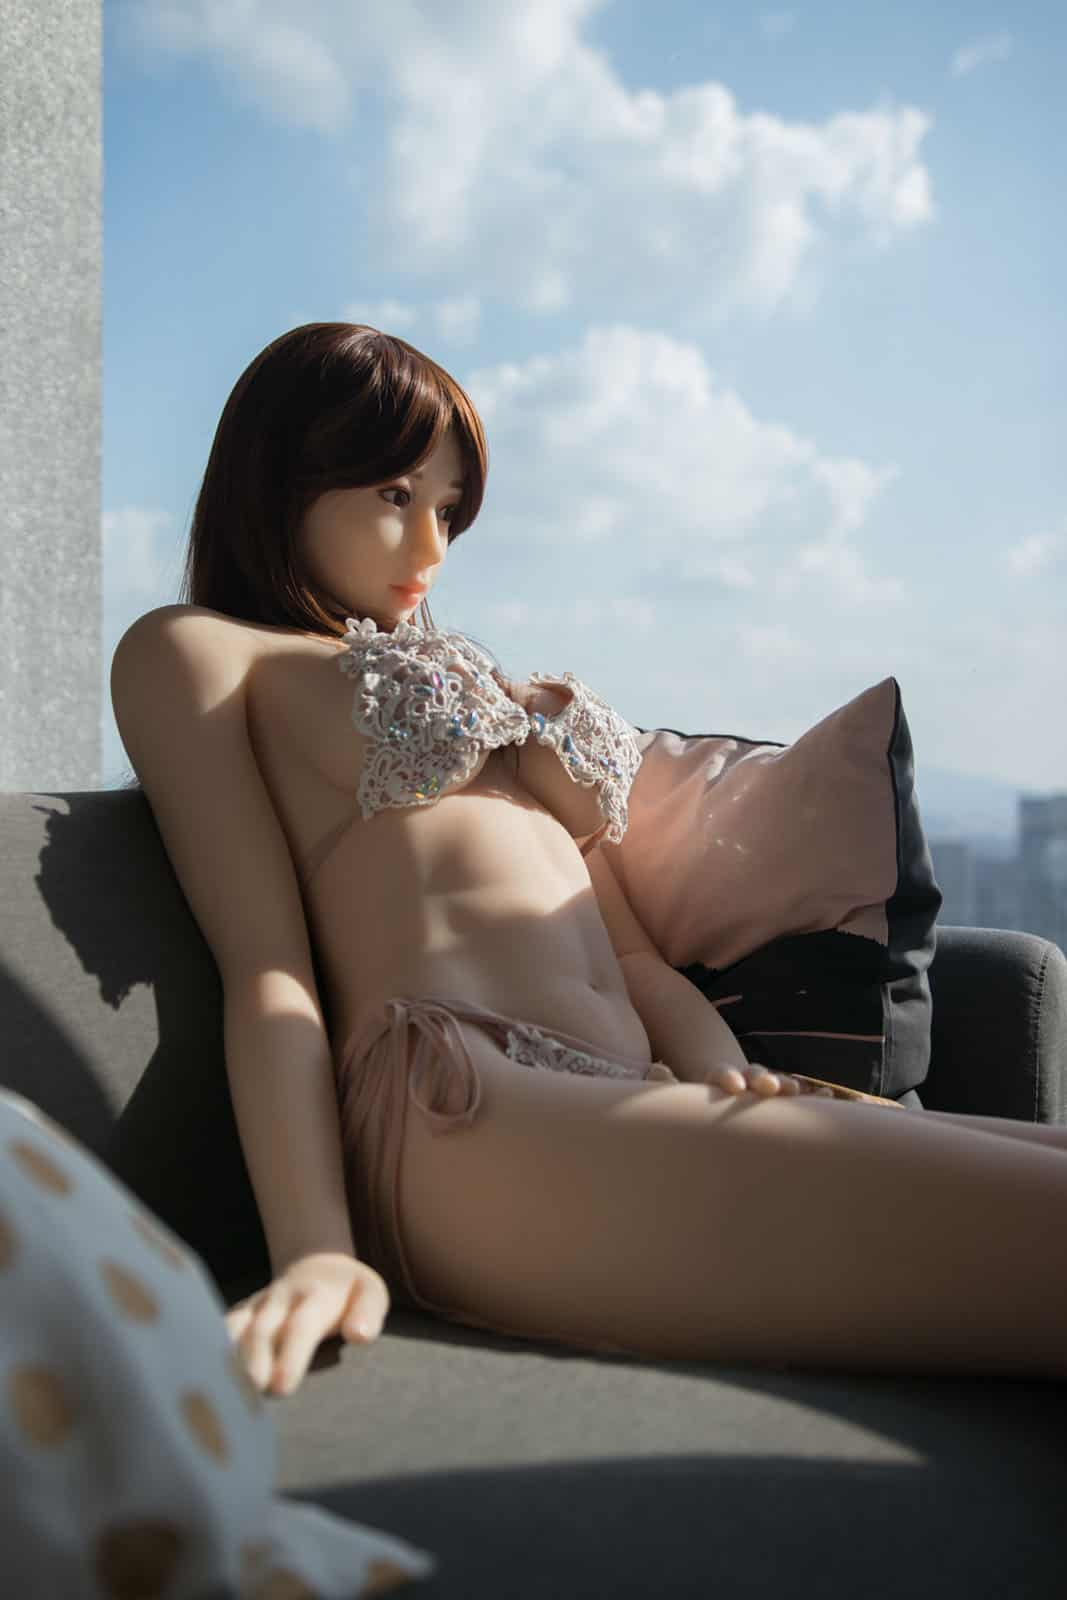 Dirty-Knights-Sex-Dolls-Mina-Nude-6